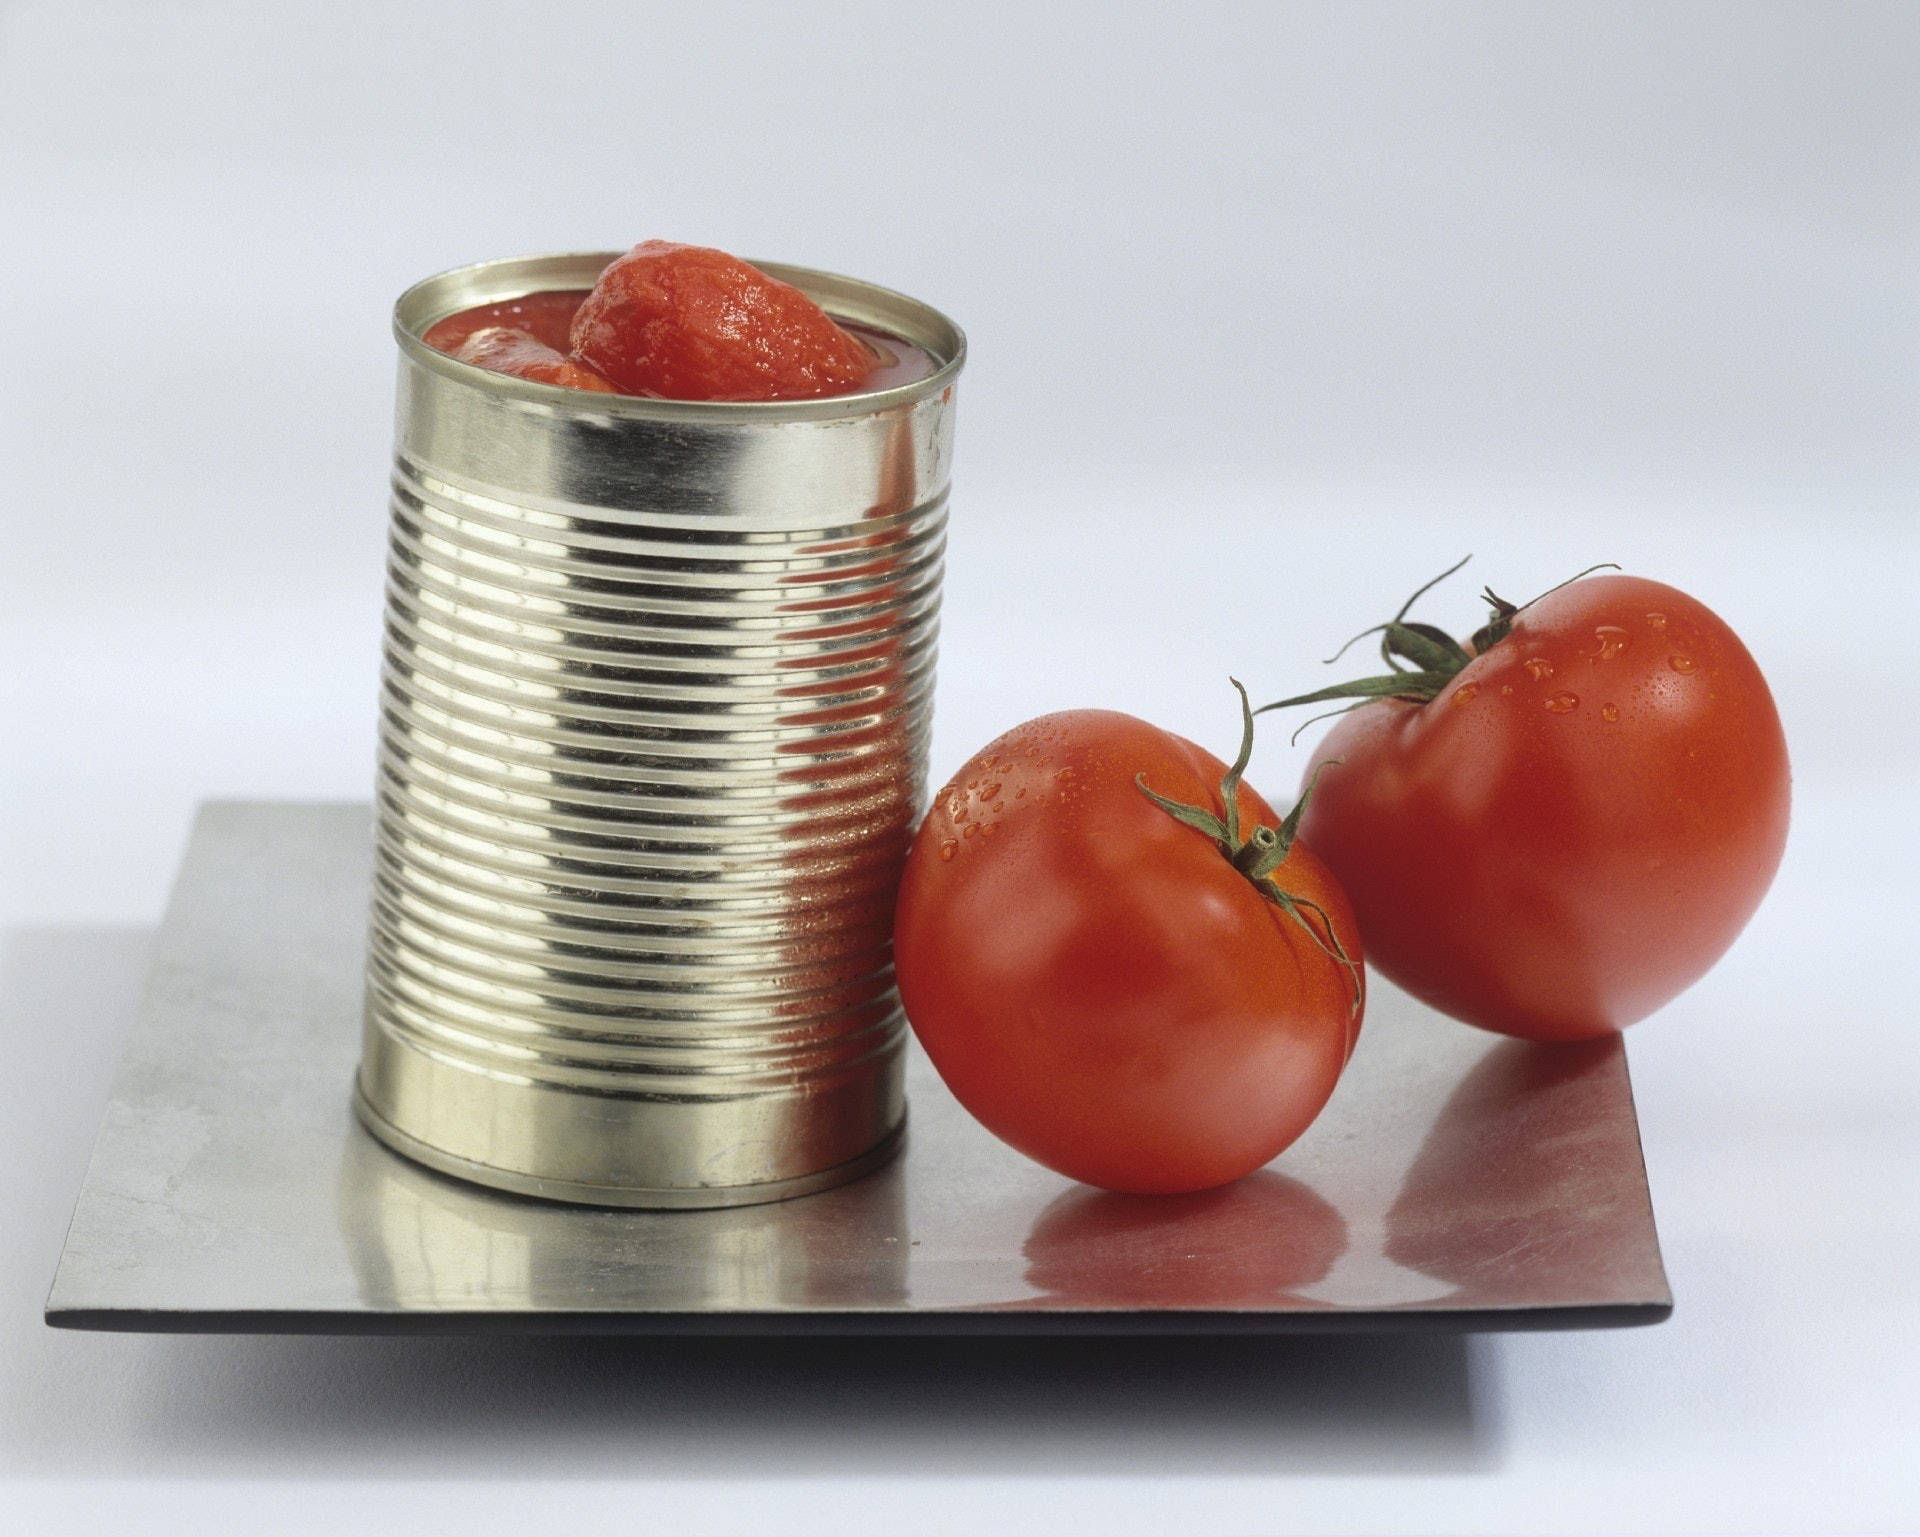 由於茄紅素會在烹煮的過程中流失,反而經過加工會提高茄紅素。所以如要吸入茄紅素,可能選擇加工食品較佳。(VCG)